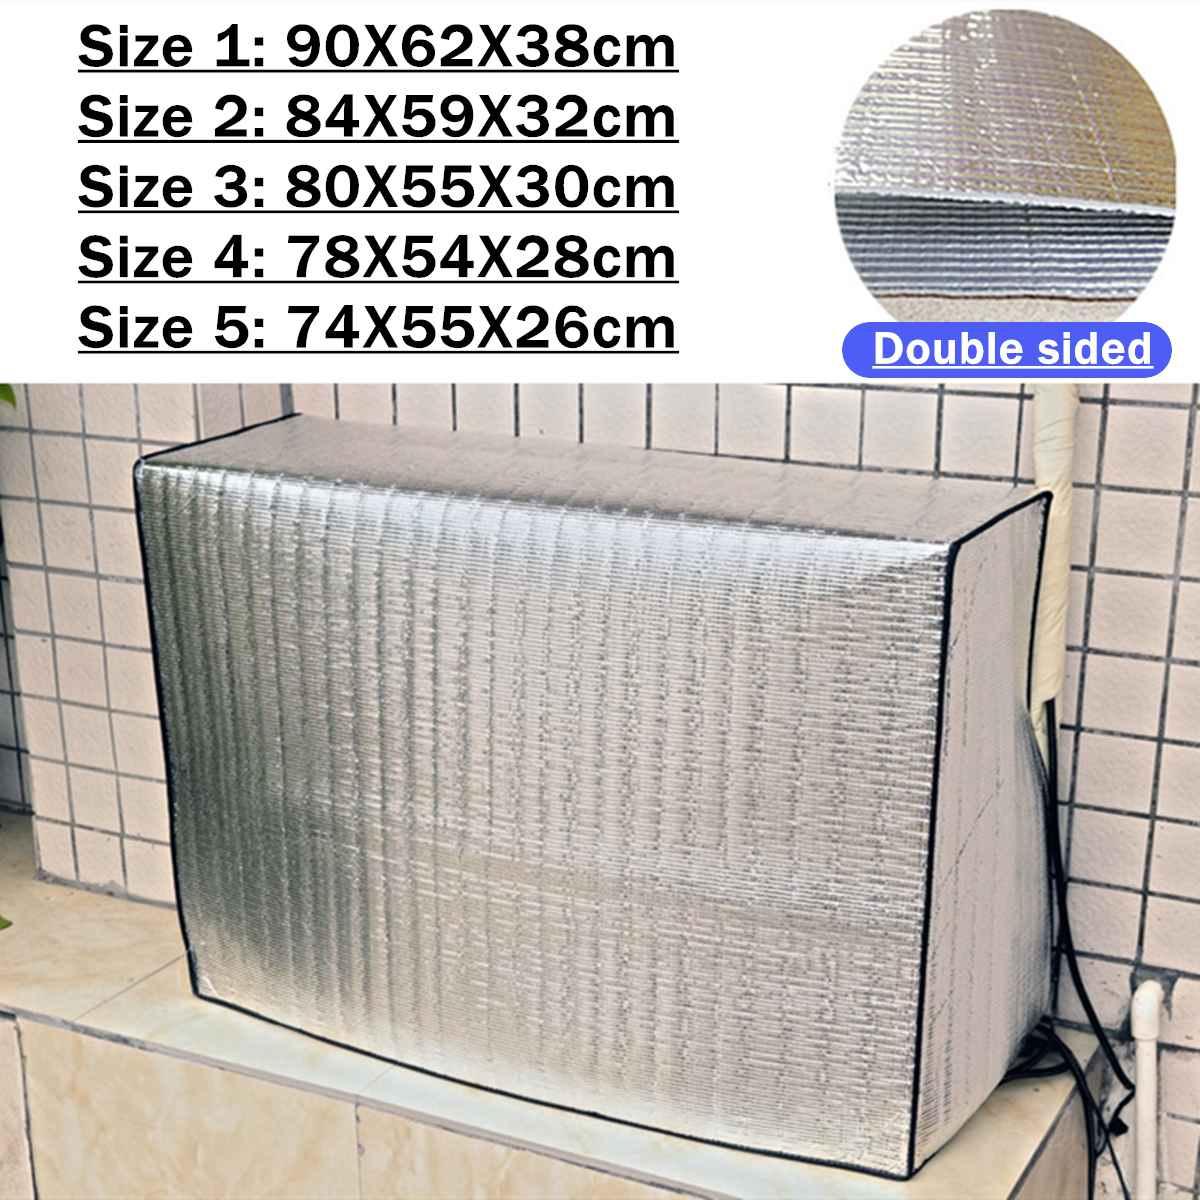 5 tamanhos Ar Condicionado Tampa Protetora Contra Poeira Protector Frente E Verso Capa Ao Ar Livre Sunproof Limpar Capa Protetora À Prova D Água Externa